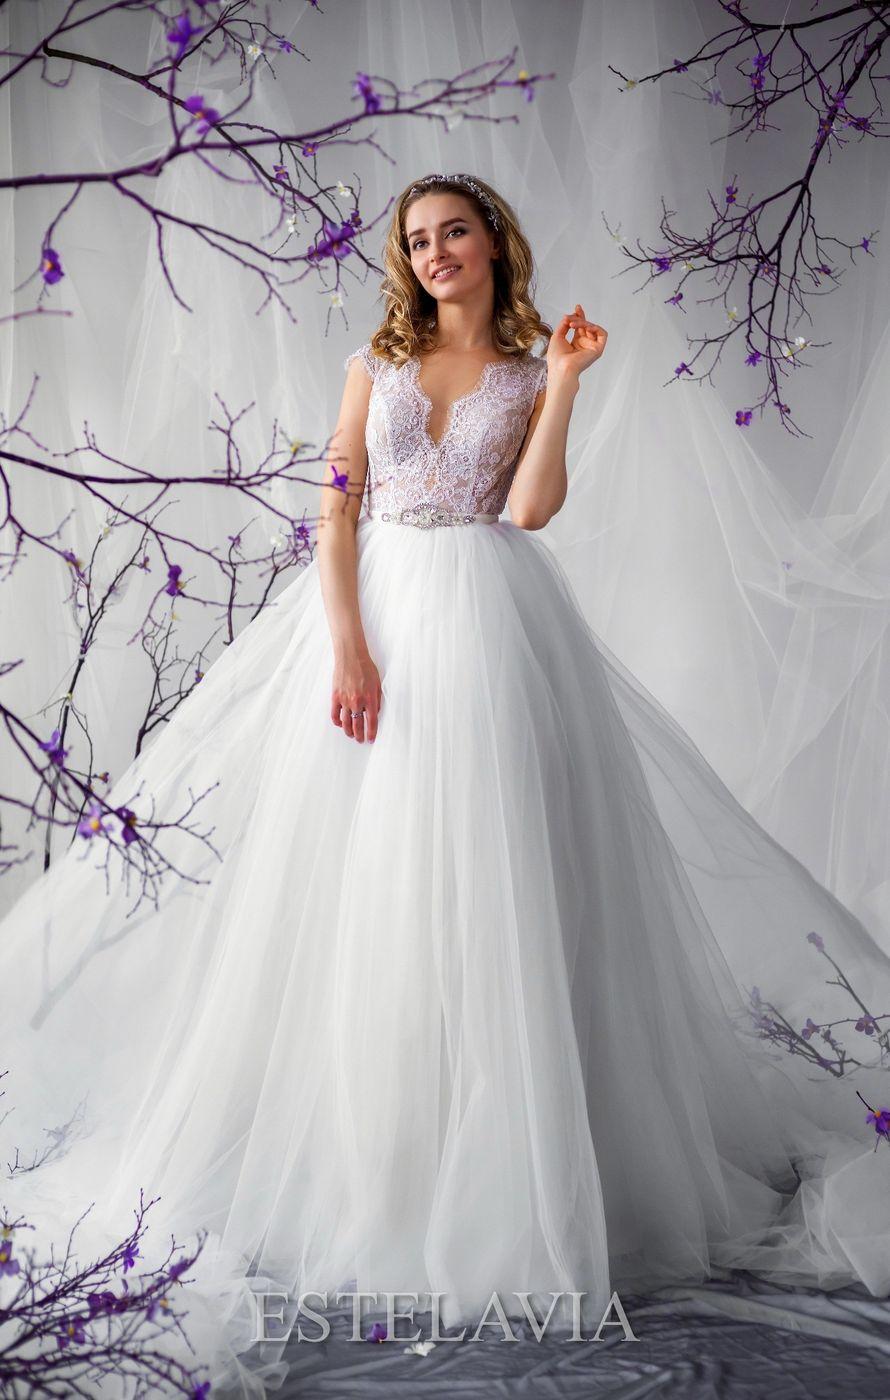 Фото 15450118 в коллекции Estelavia - Tyumen Wedding - салон свадебных платьев